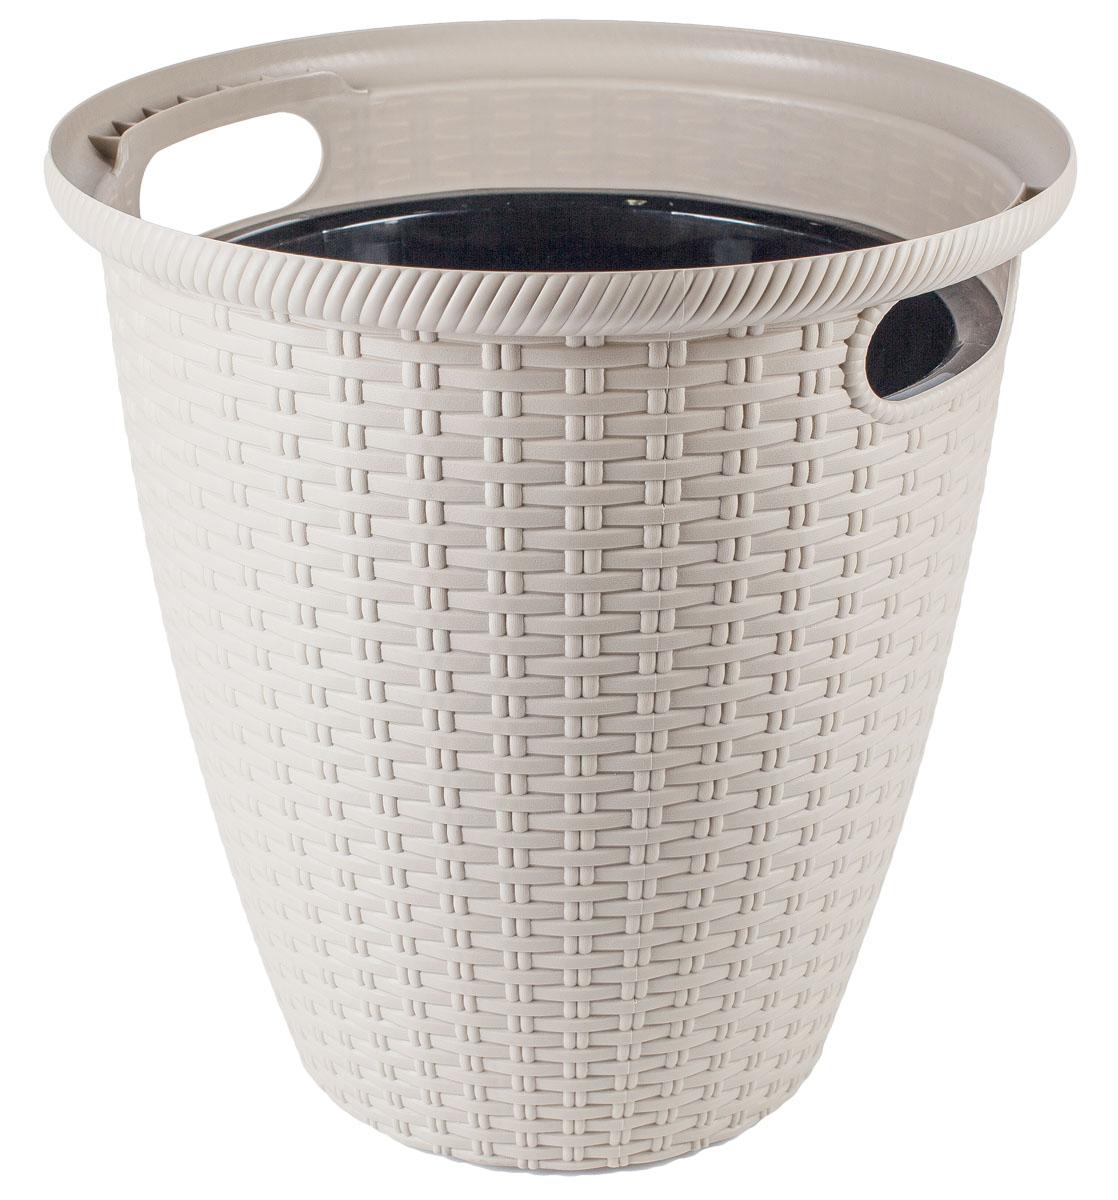 Кашпо InGreen Ротанг, напольное, цвет: слоновая кость, диаметр 38 смZ-0307Кашпо InGreen Ротанг изготовлено из высококачественного пластика с плетеной текстурой. Такое кашпо прекрасно подойдет для выращивания растений и цветов в домашних условиях. Лаконичный дизайн впишется в интерьер любого помещения. Размер кашпо: 38 х 38 х 37,8 см.